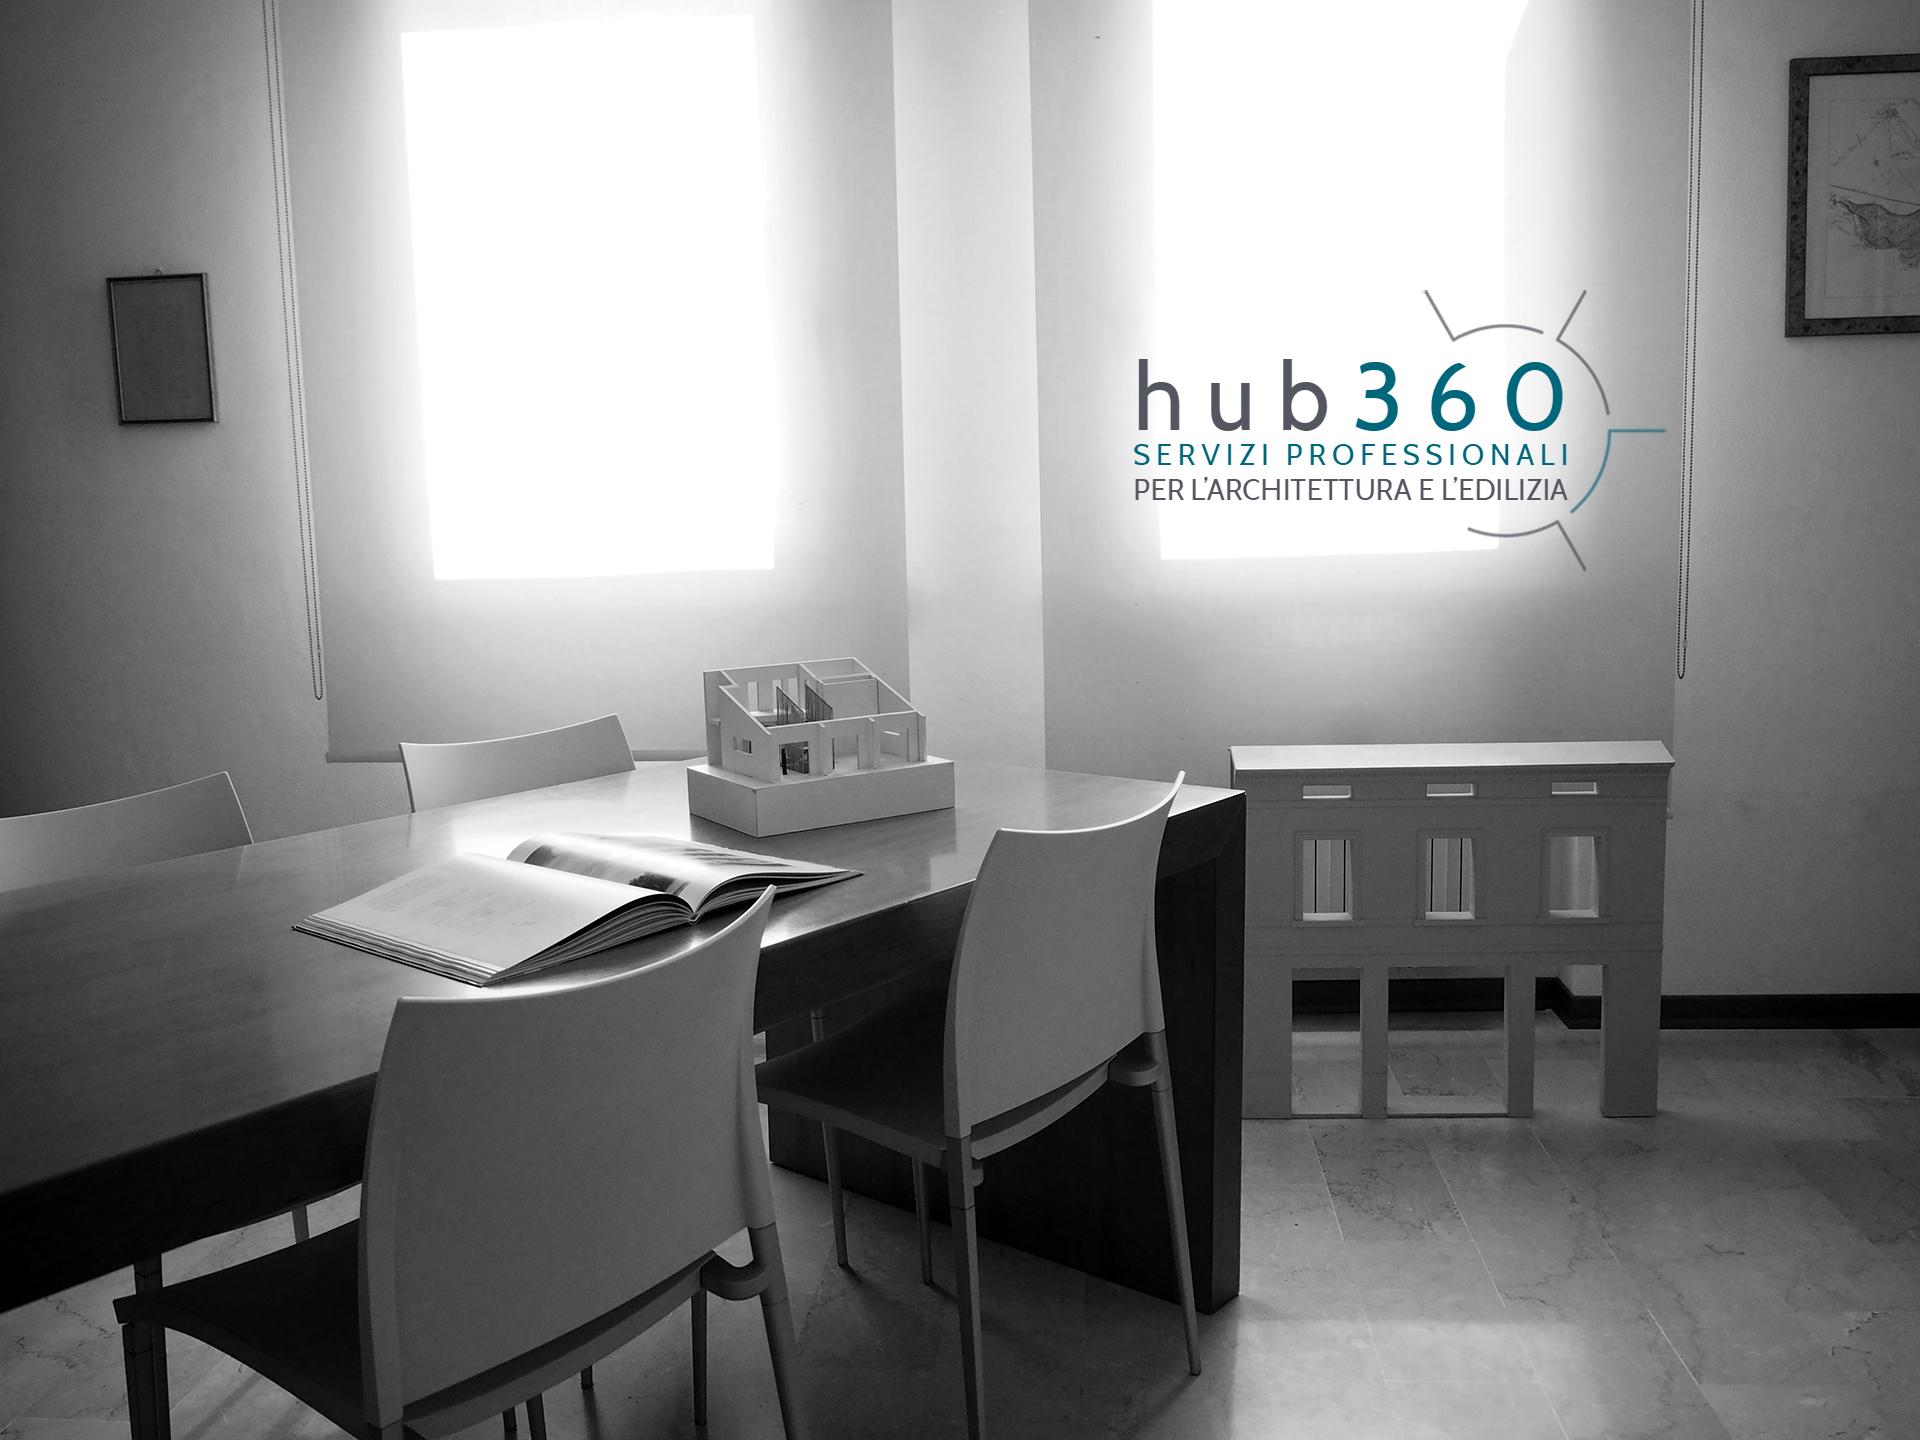 Fotografia di ambiente dello studio d'architettura.